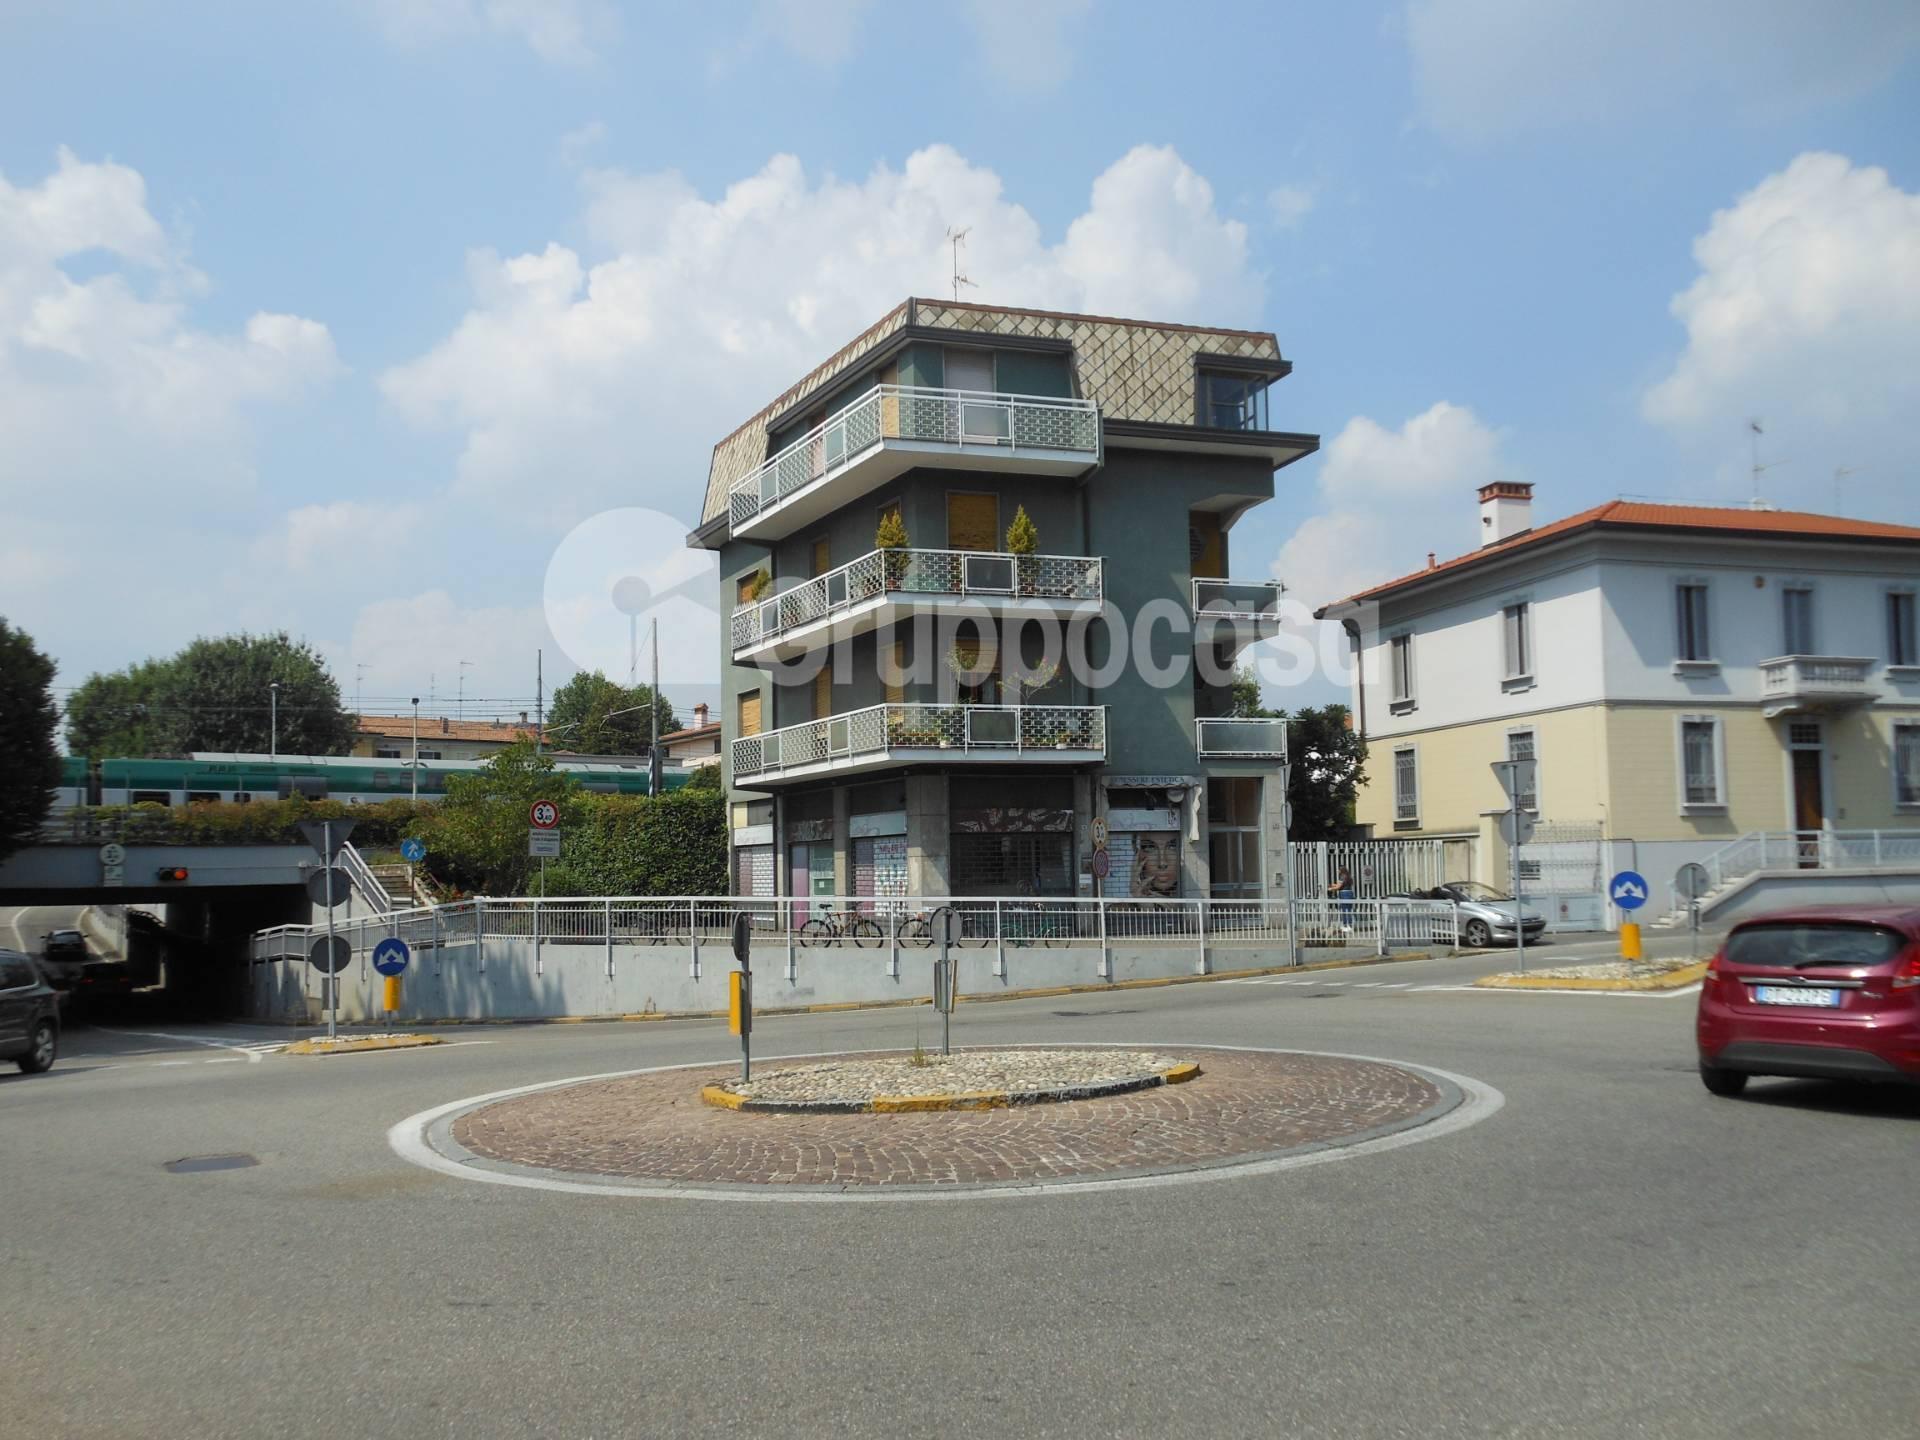 Negozio / Locale in affitto a Magenta, 9999 locali, prezzo € 1.000 | PortaleAgenzieImmobiliari.it